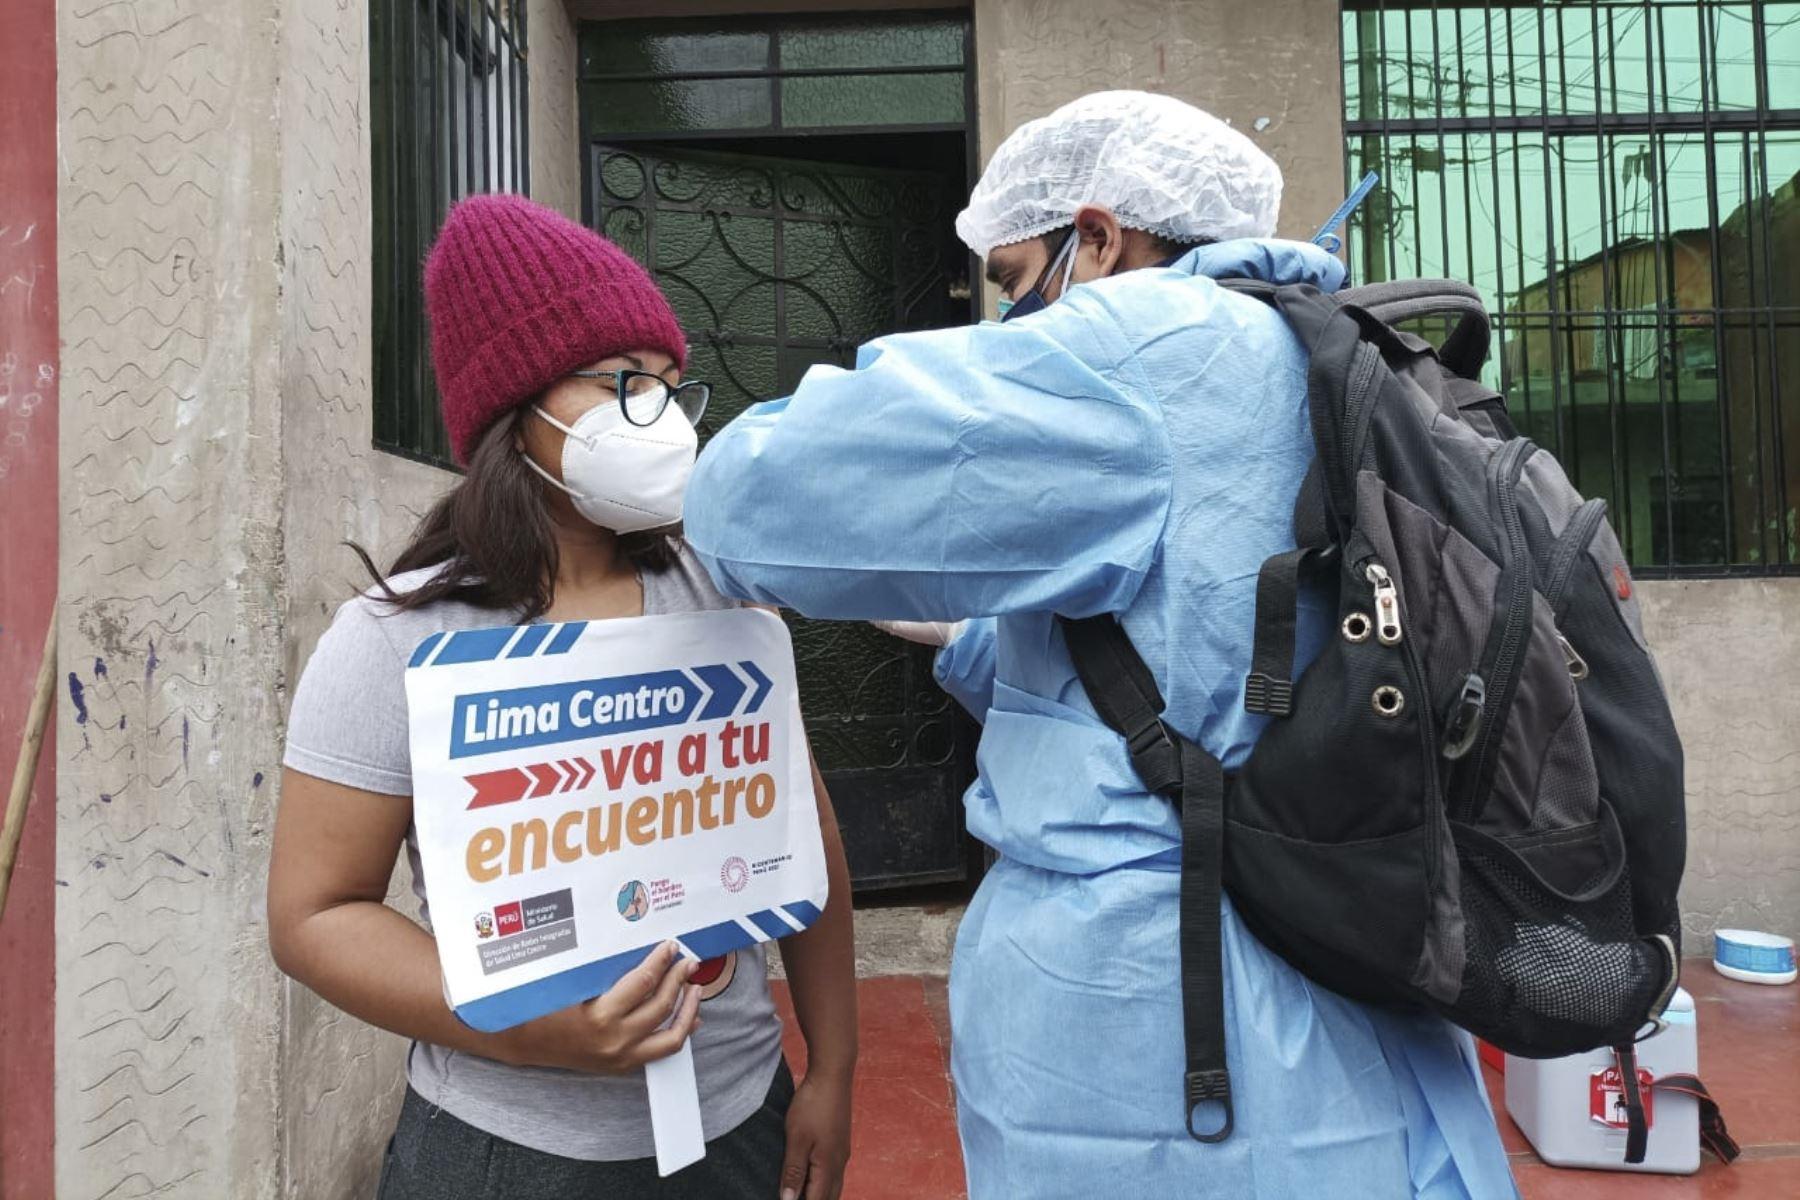 """Como parte de la campaña integral que se realizó en la loza deportiva 10 de Octubre en San Juan de Lurigancho, que es parte de actividades que realiza la estrategia """"Vamos a tu encuentro, ¡Vacúnate ya!"""", la Dirección de Redes Integradas de Salud (Diris) Lima Centro del Minsa inició las visita a las casas de la zona y vacunó contra la Covid-19 a 63 personas que no pudieron acercarse a los puntos de vacunación para ser inoculados por diversos motivos. Foto: Minsa"""